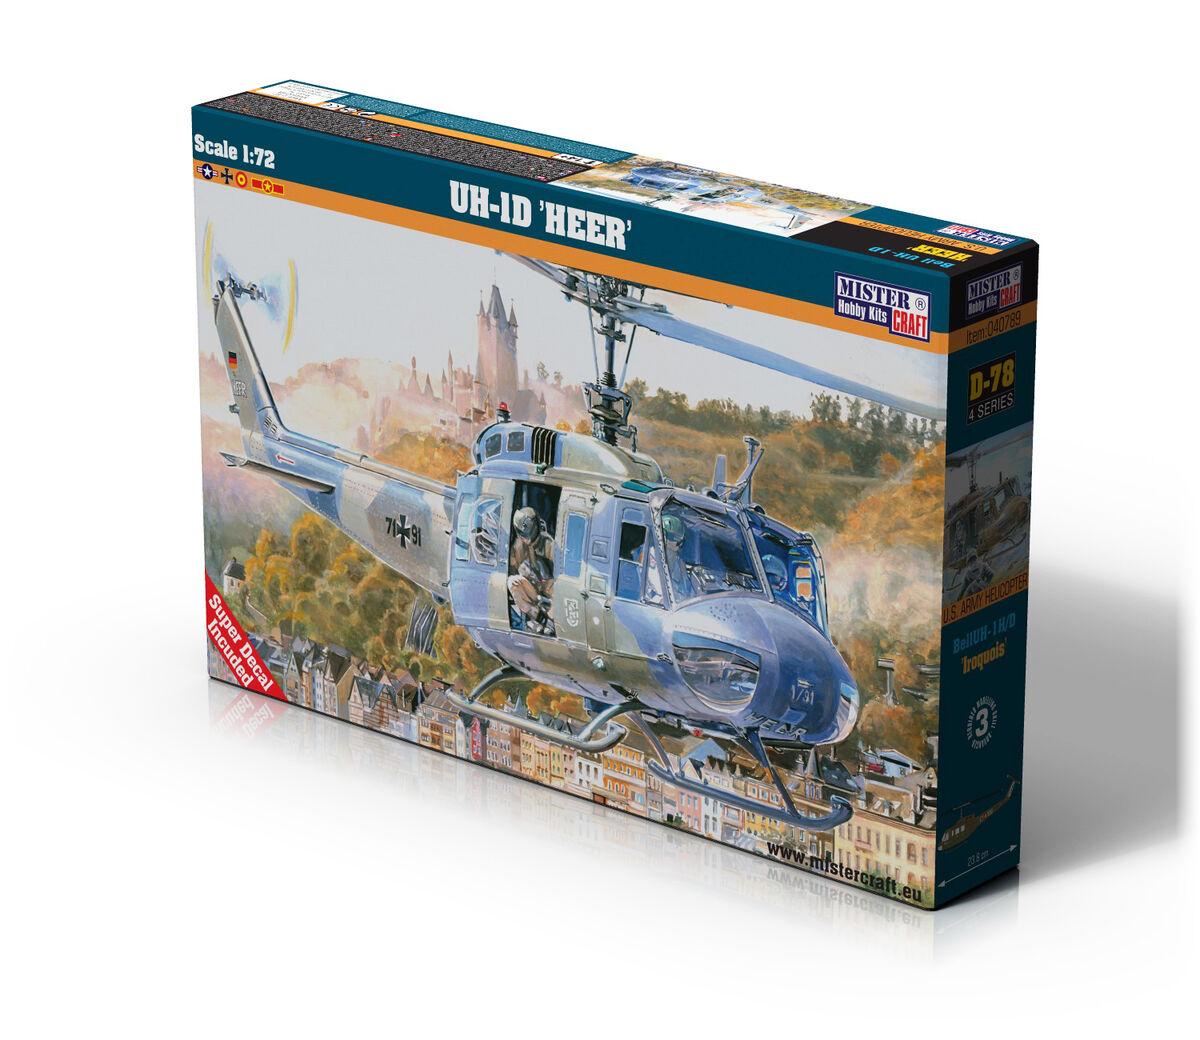 UH-1D HEER - Image 1